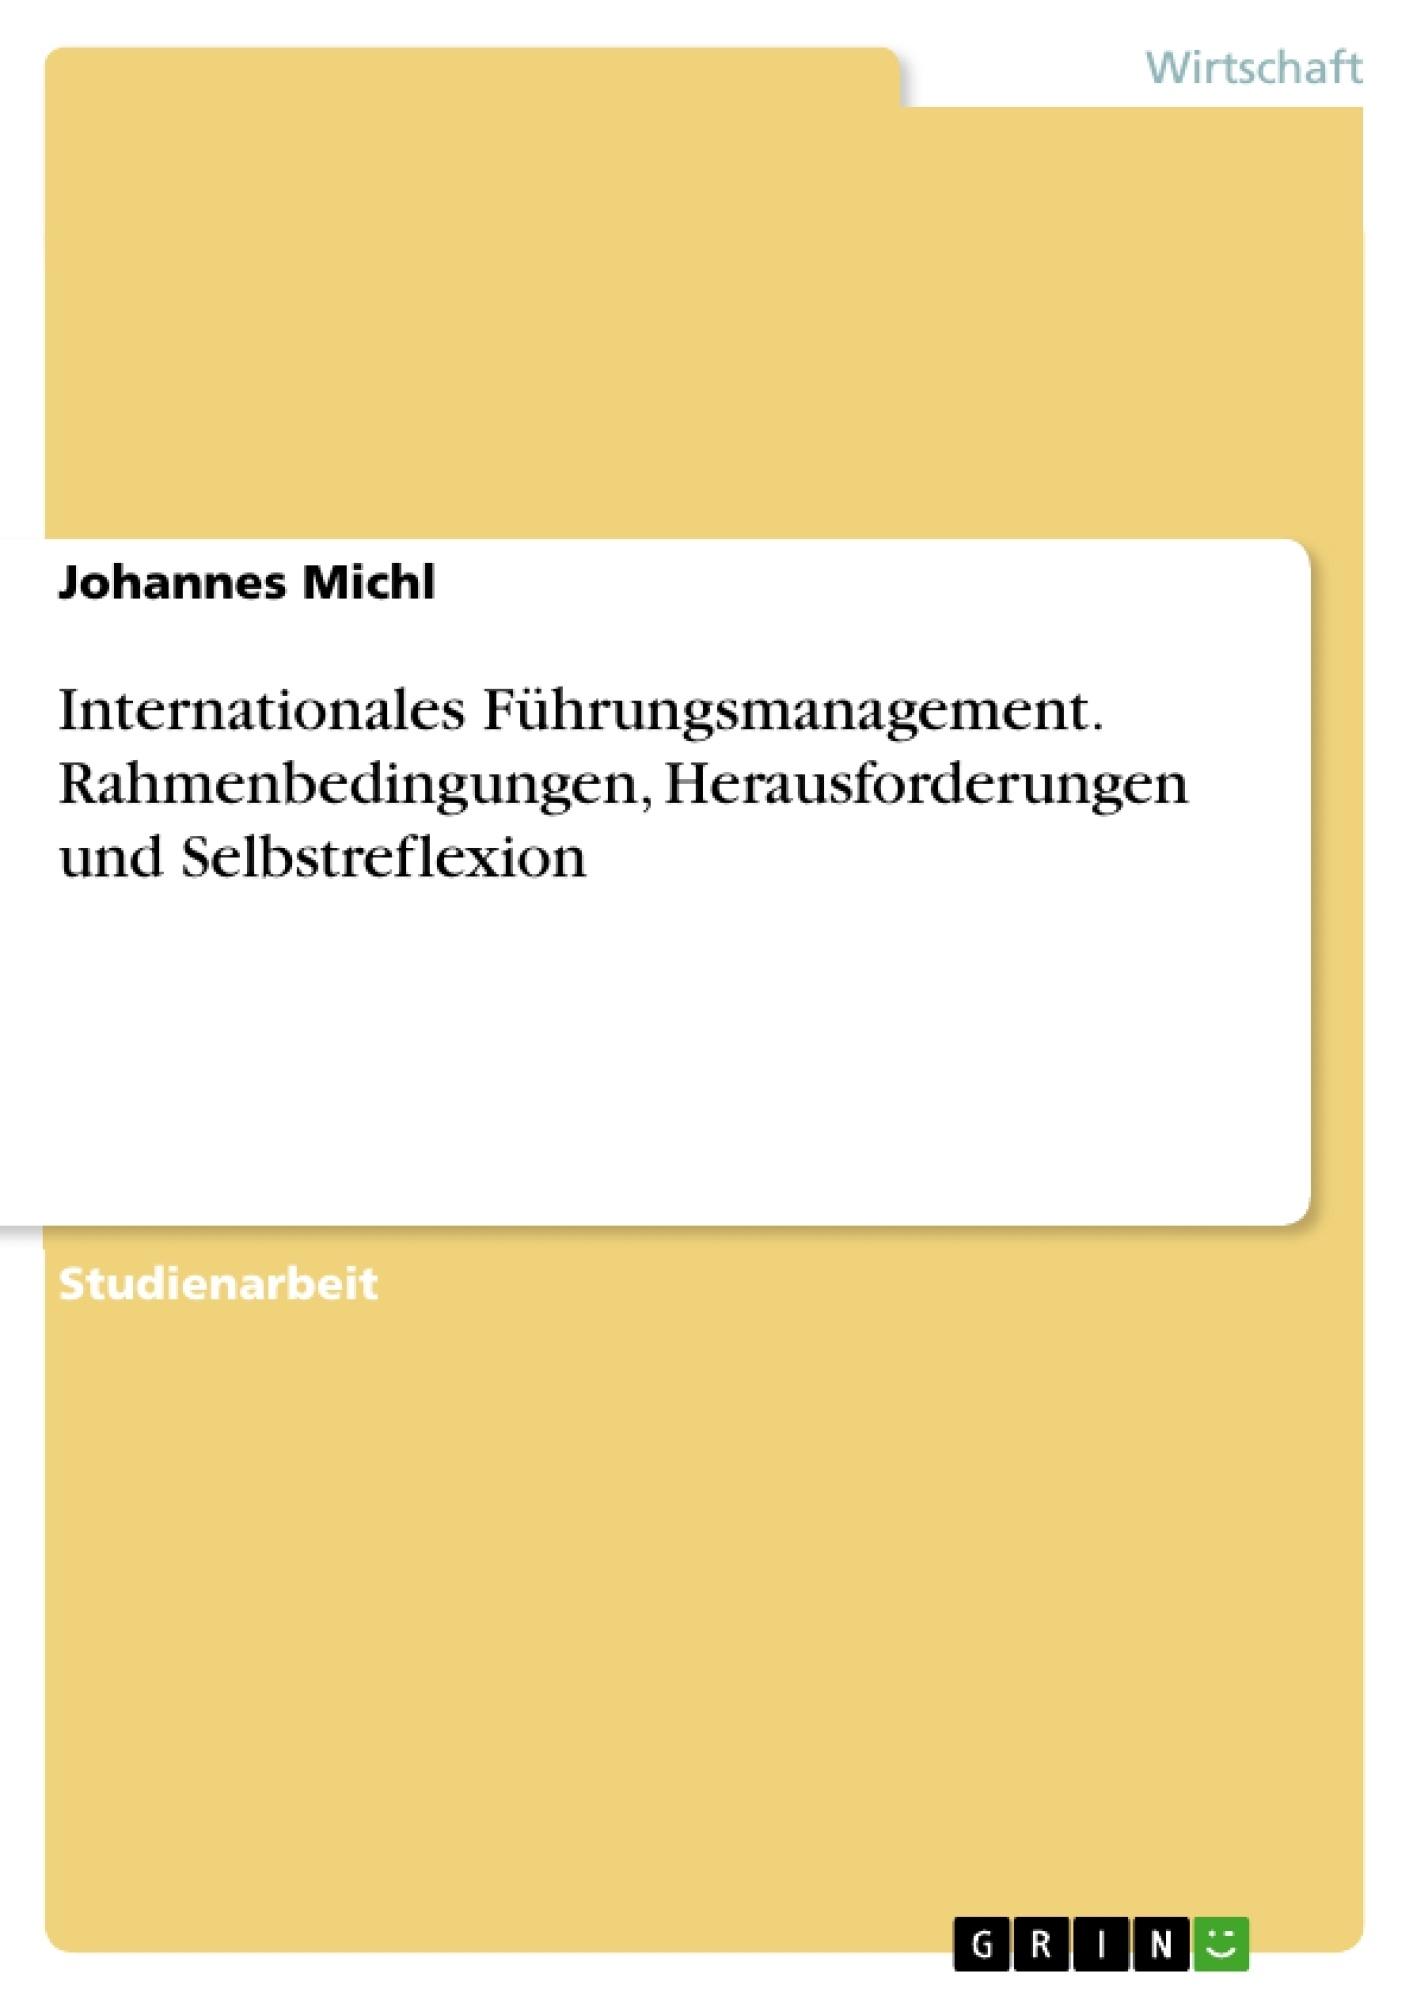 Titel: Internationales Führungsmanagement. Rahmenbedingungen, Herausforderungen und Selbstreflexion